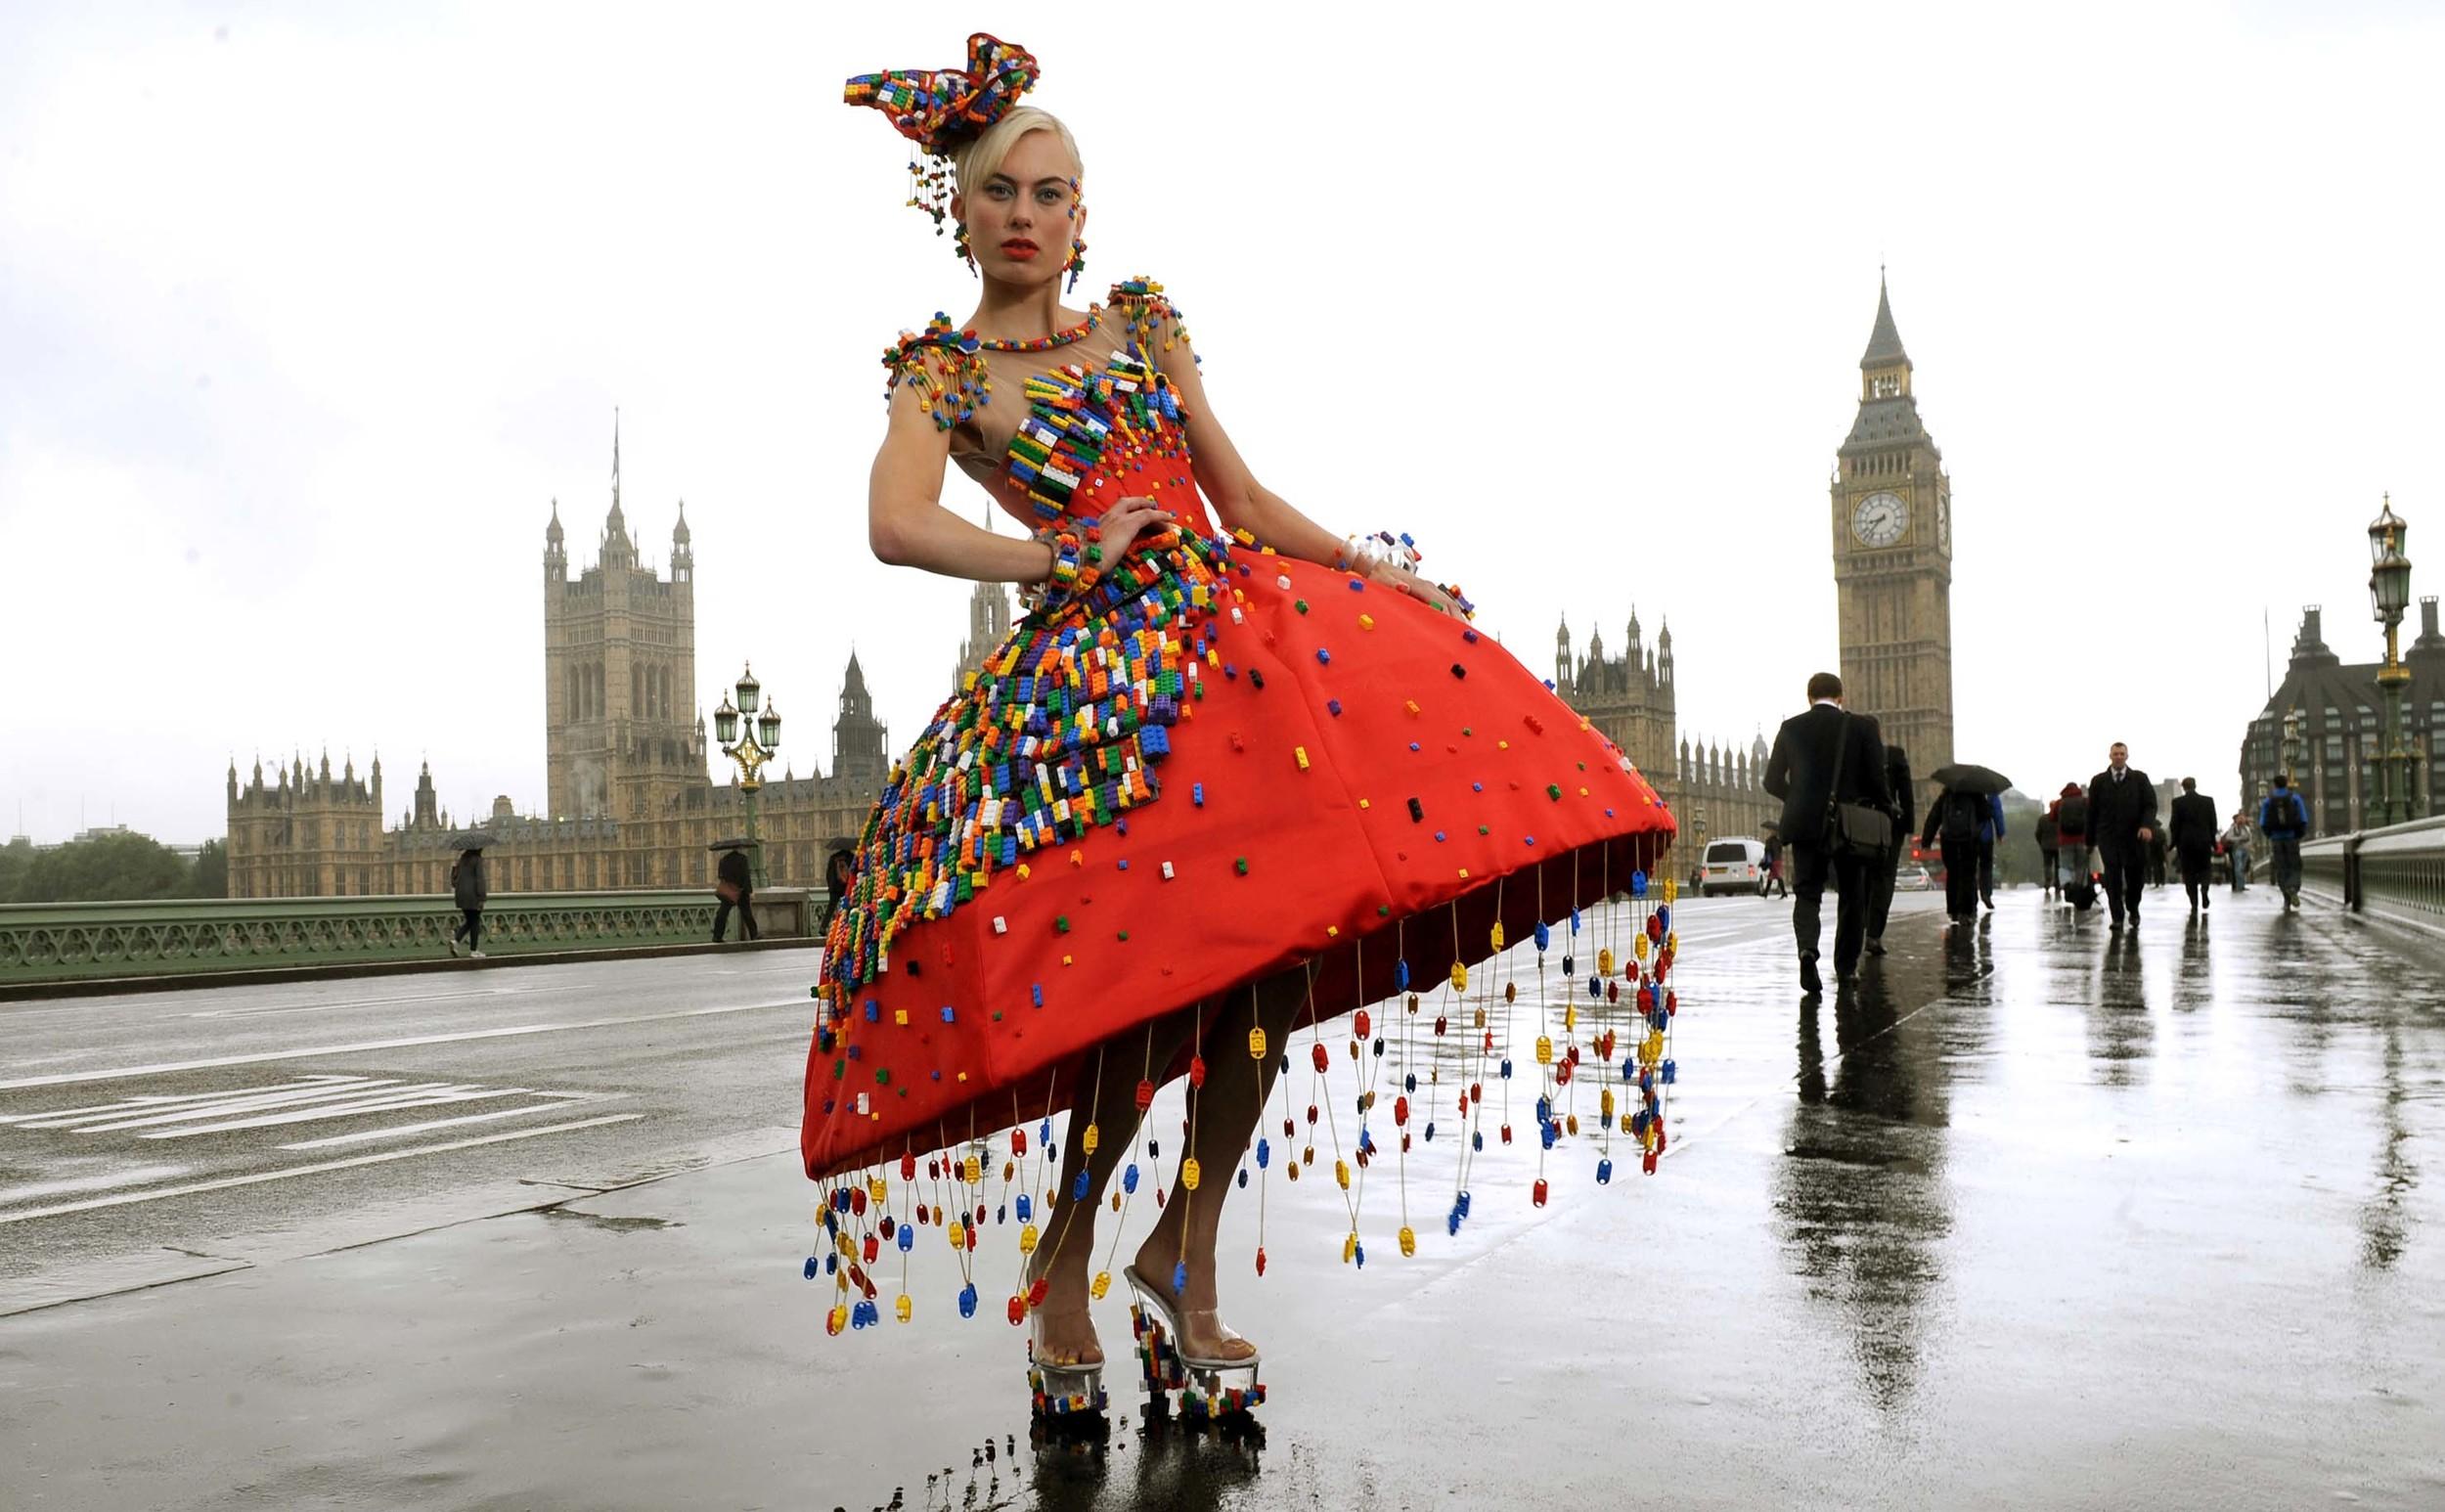 Lego Dress for London Fashion Week